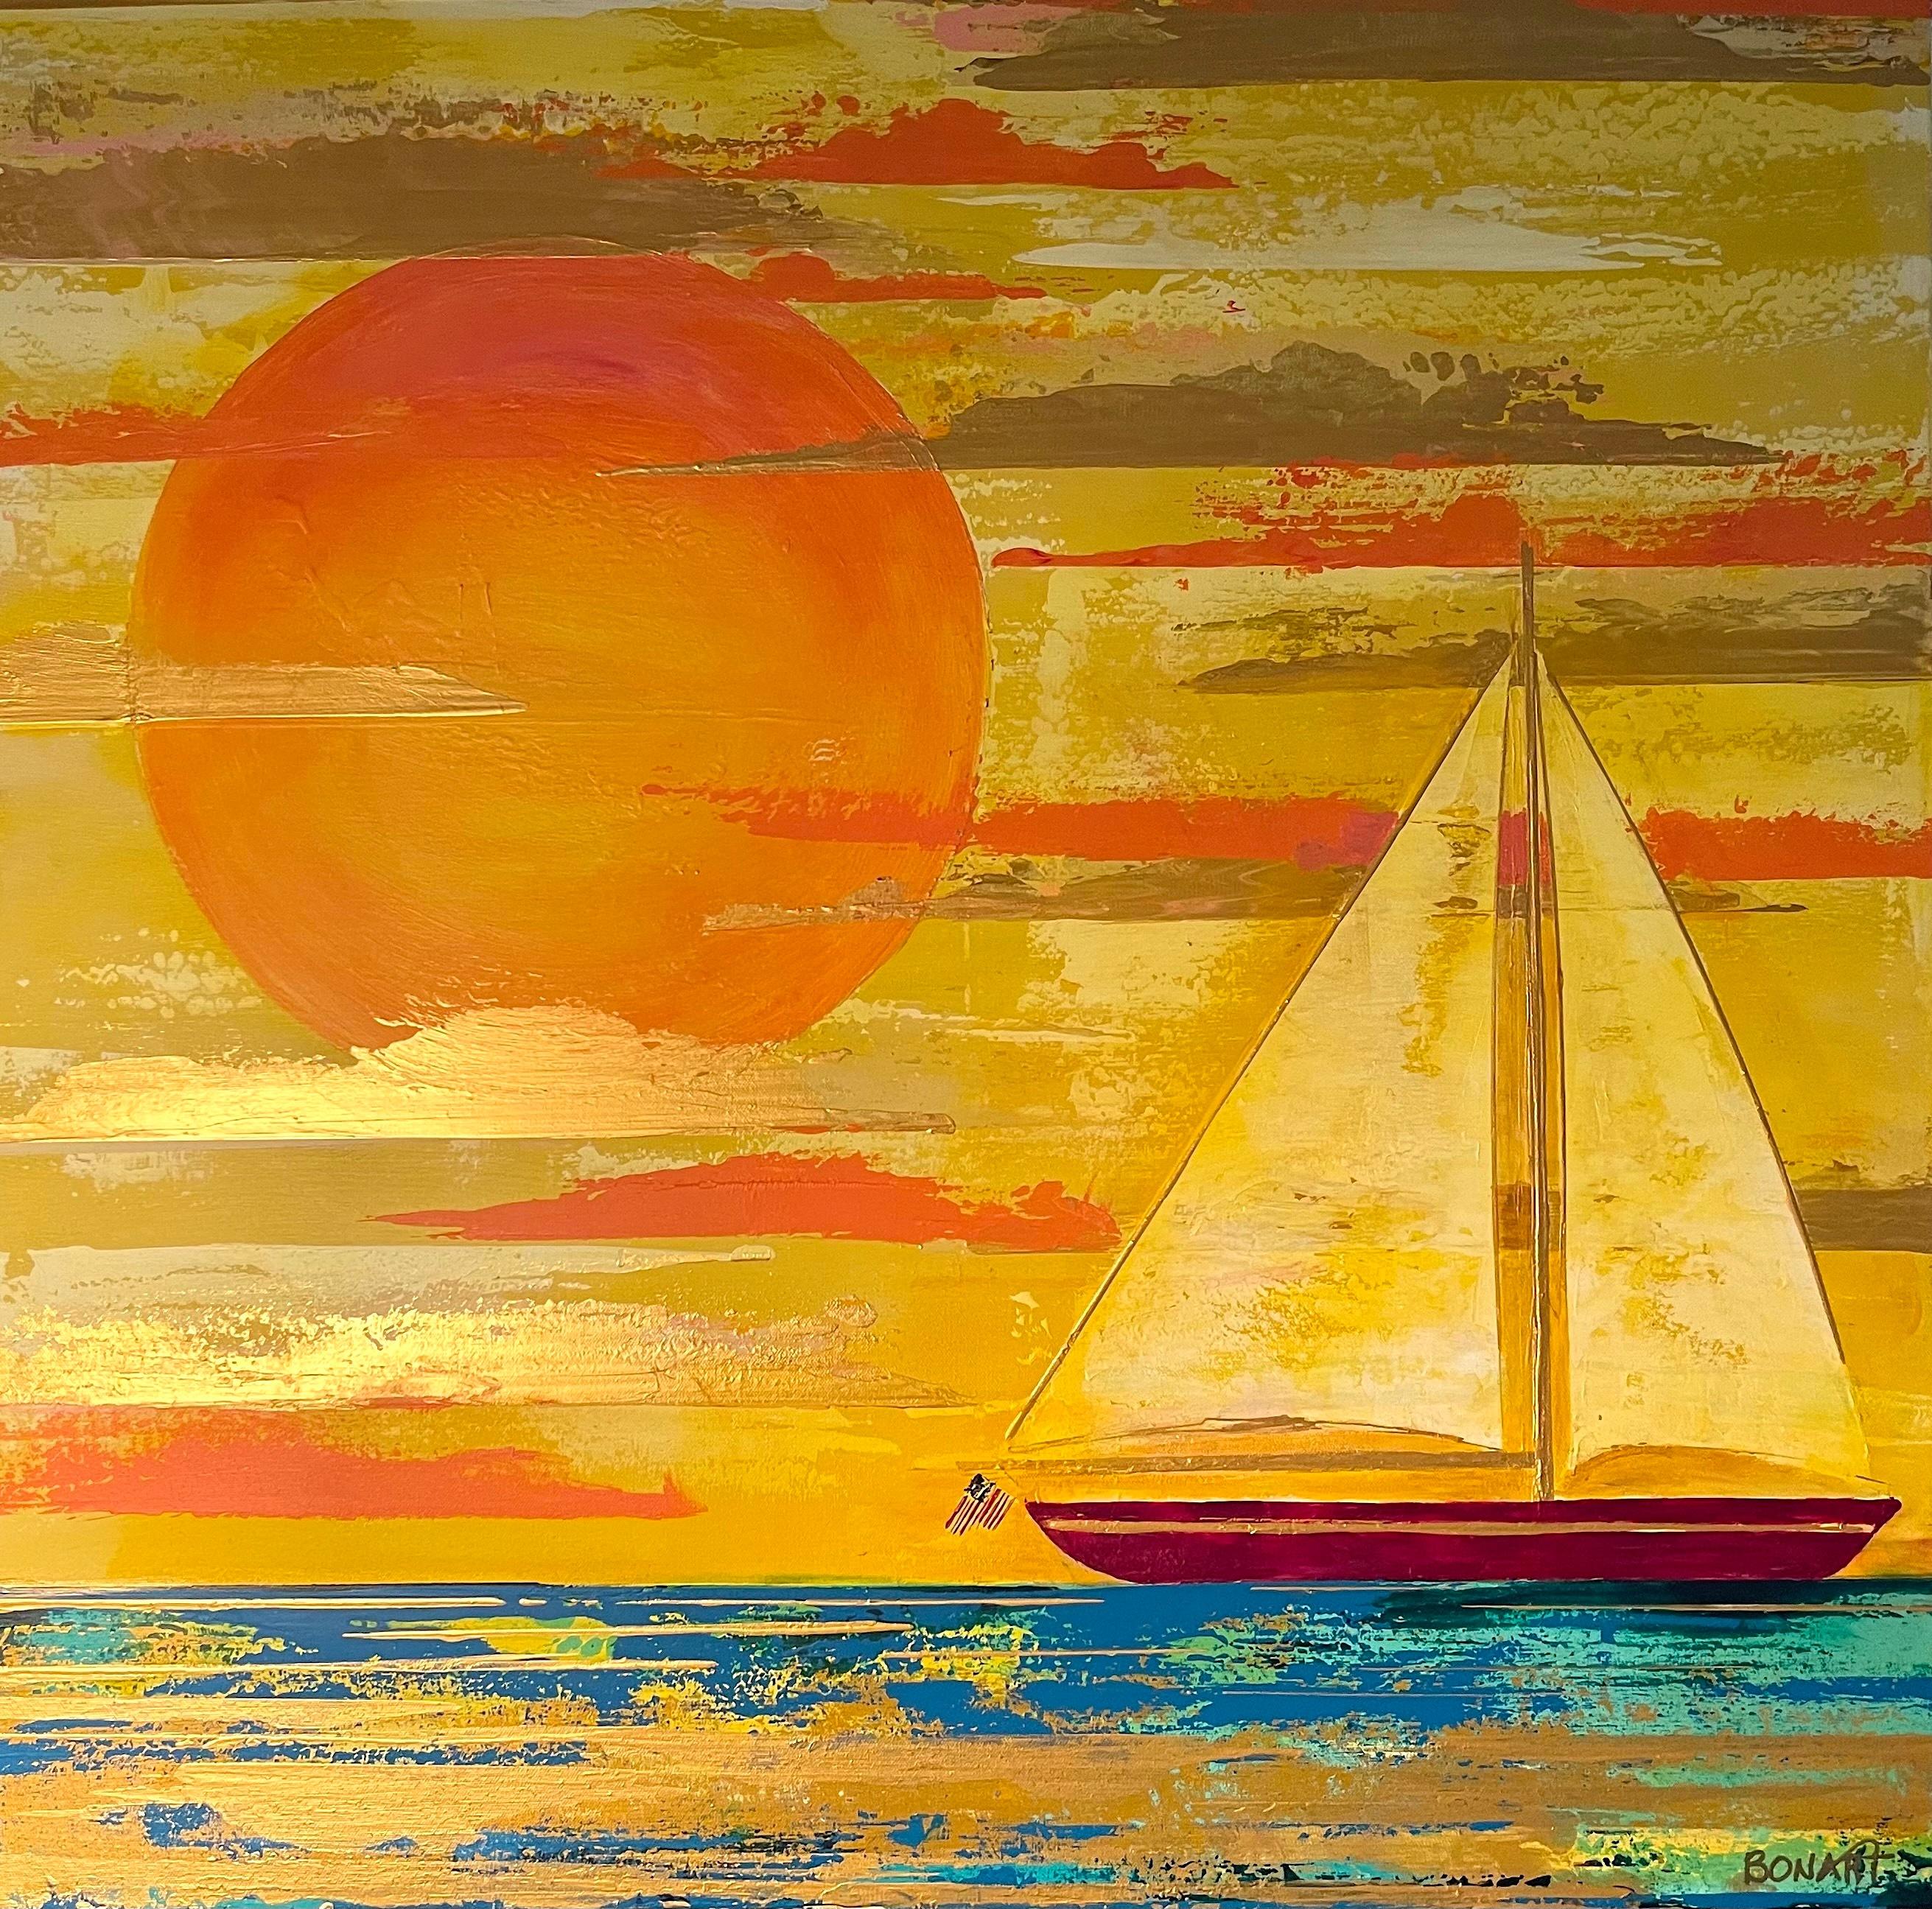 Southern sail xrxa3z